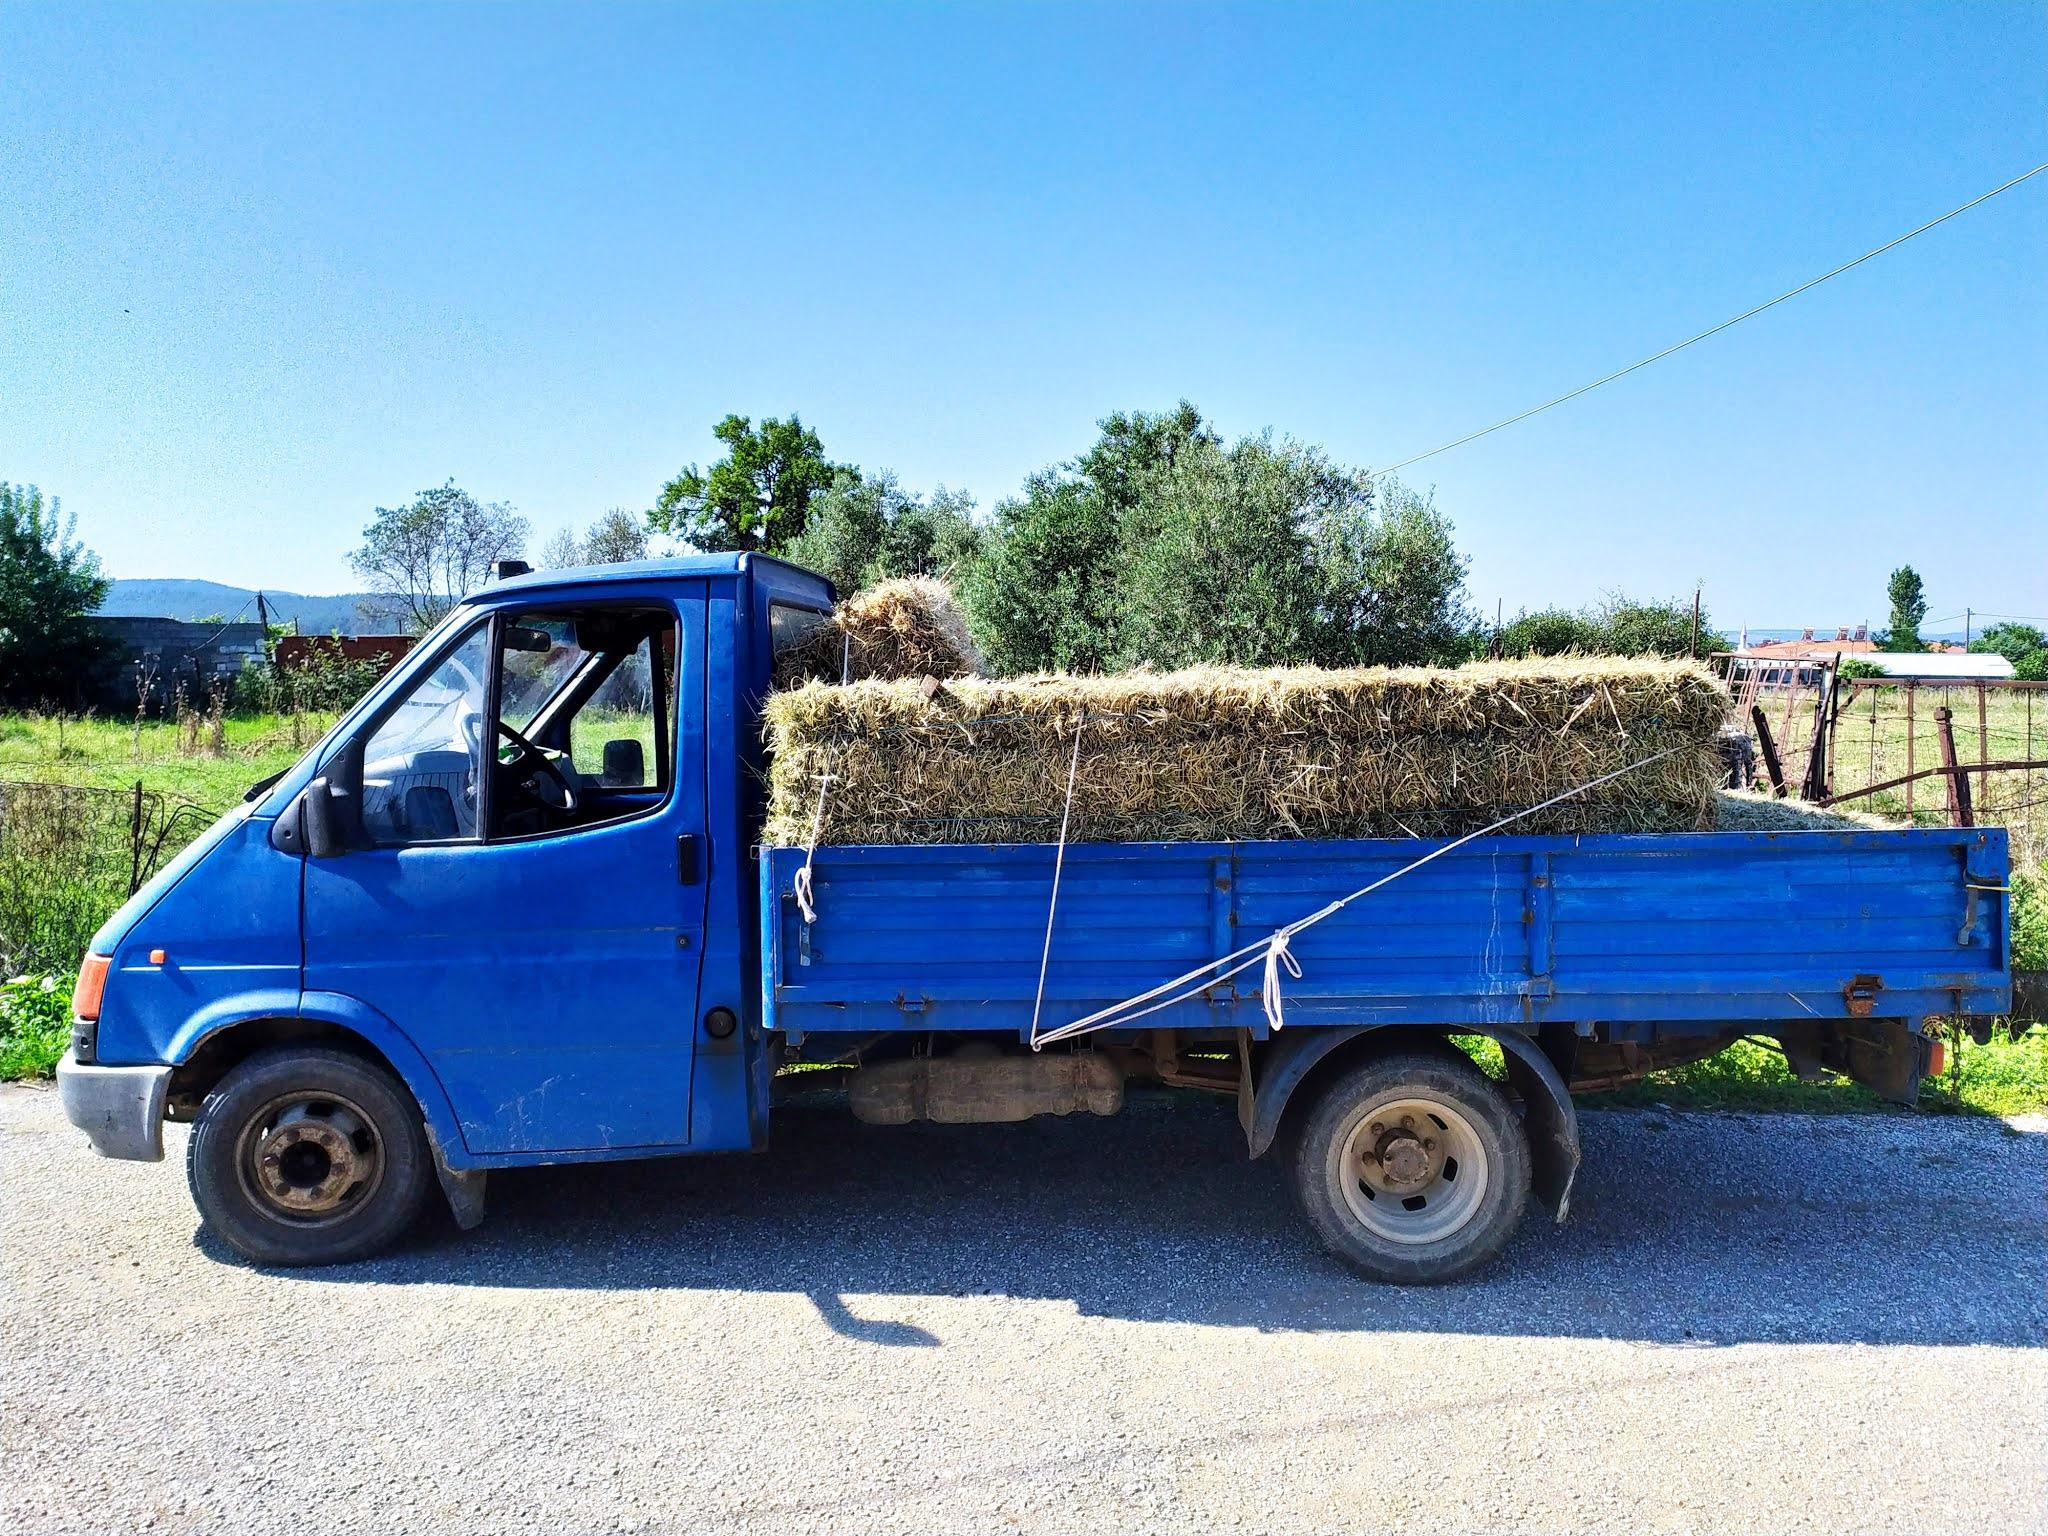 Βροχή οι συλλήψεις διακινητών στη Θράκη